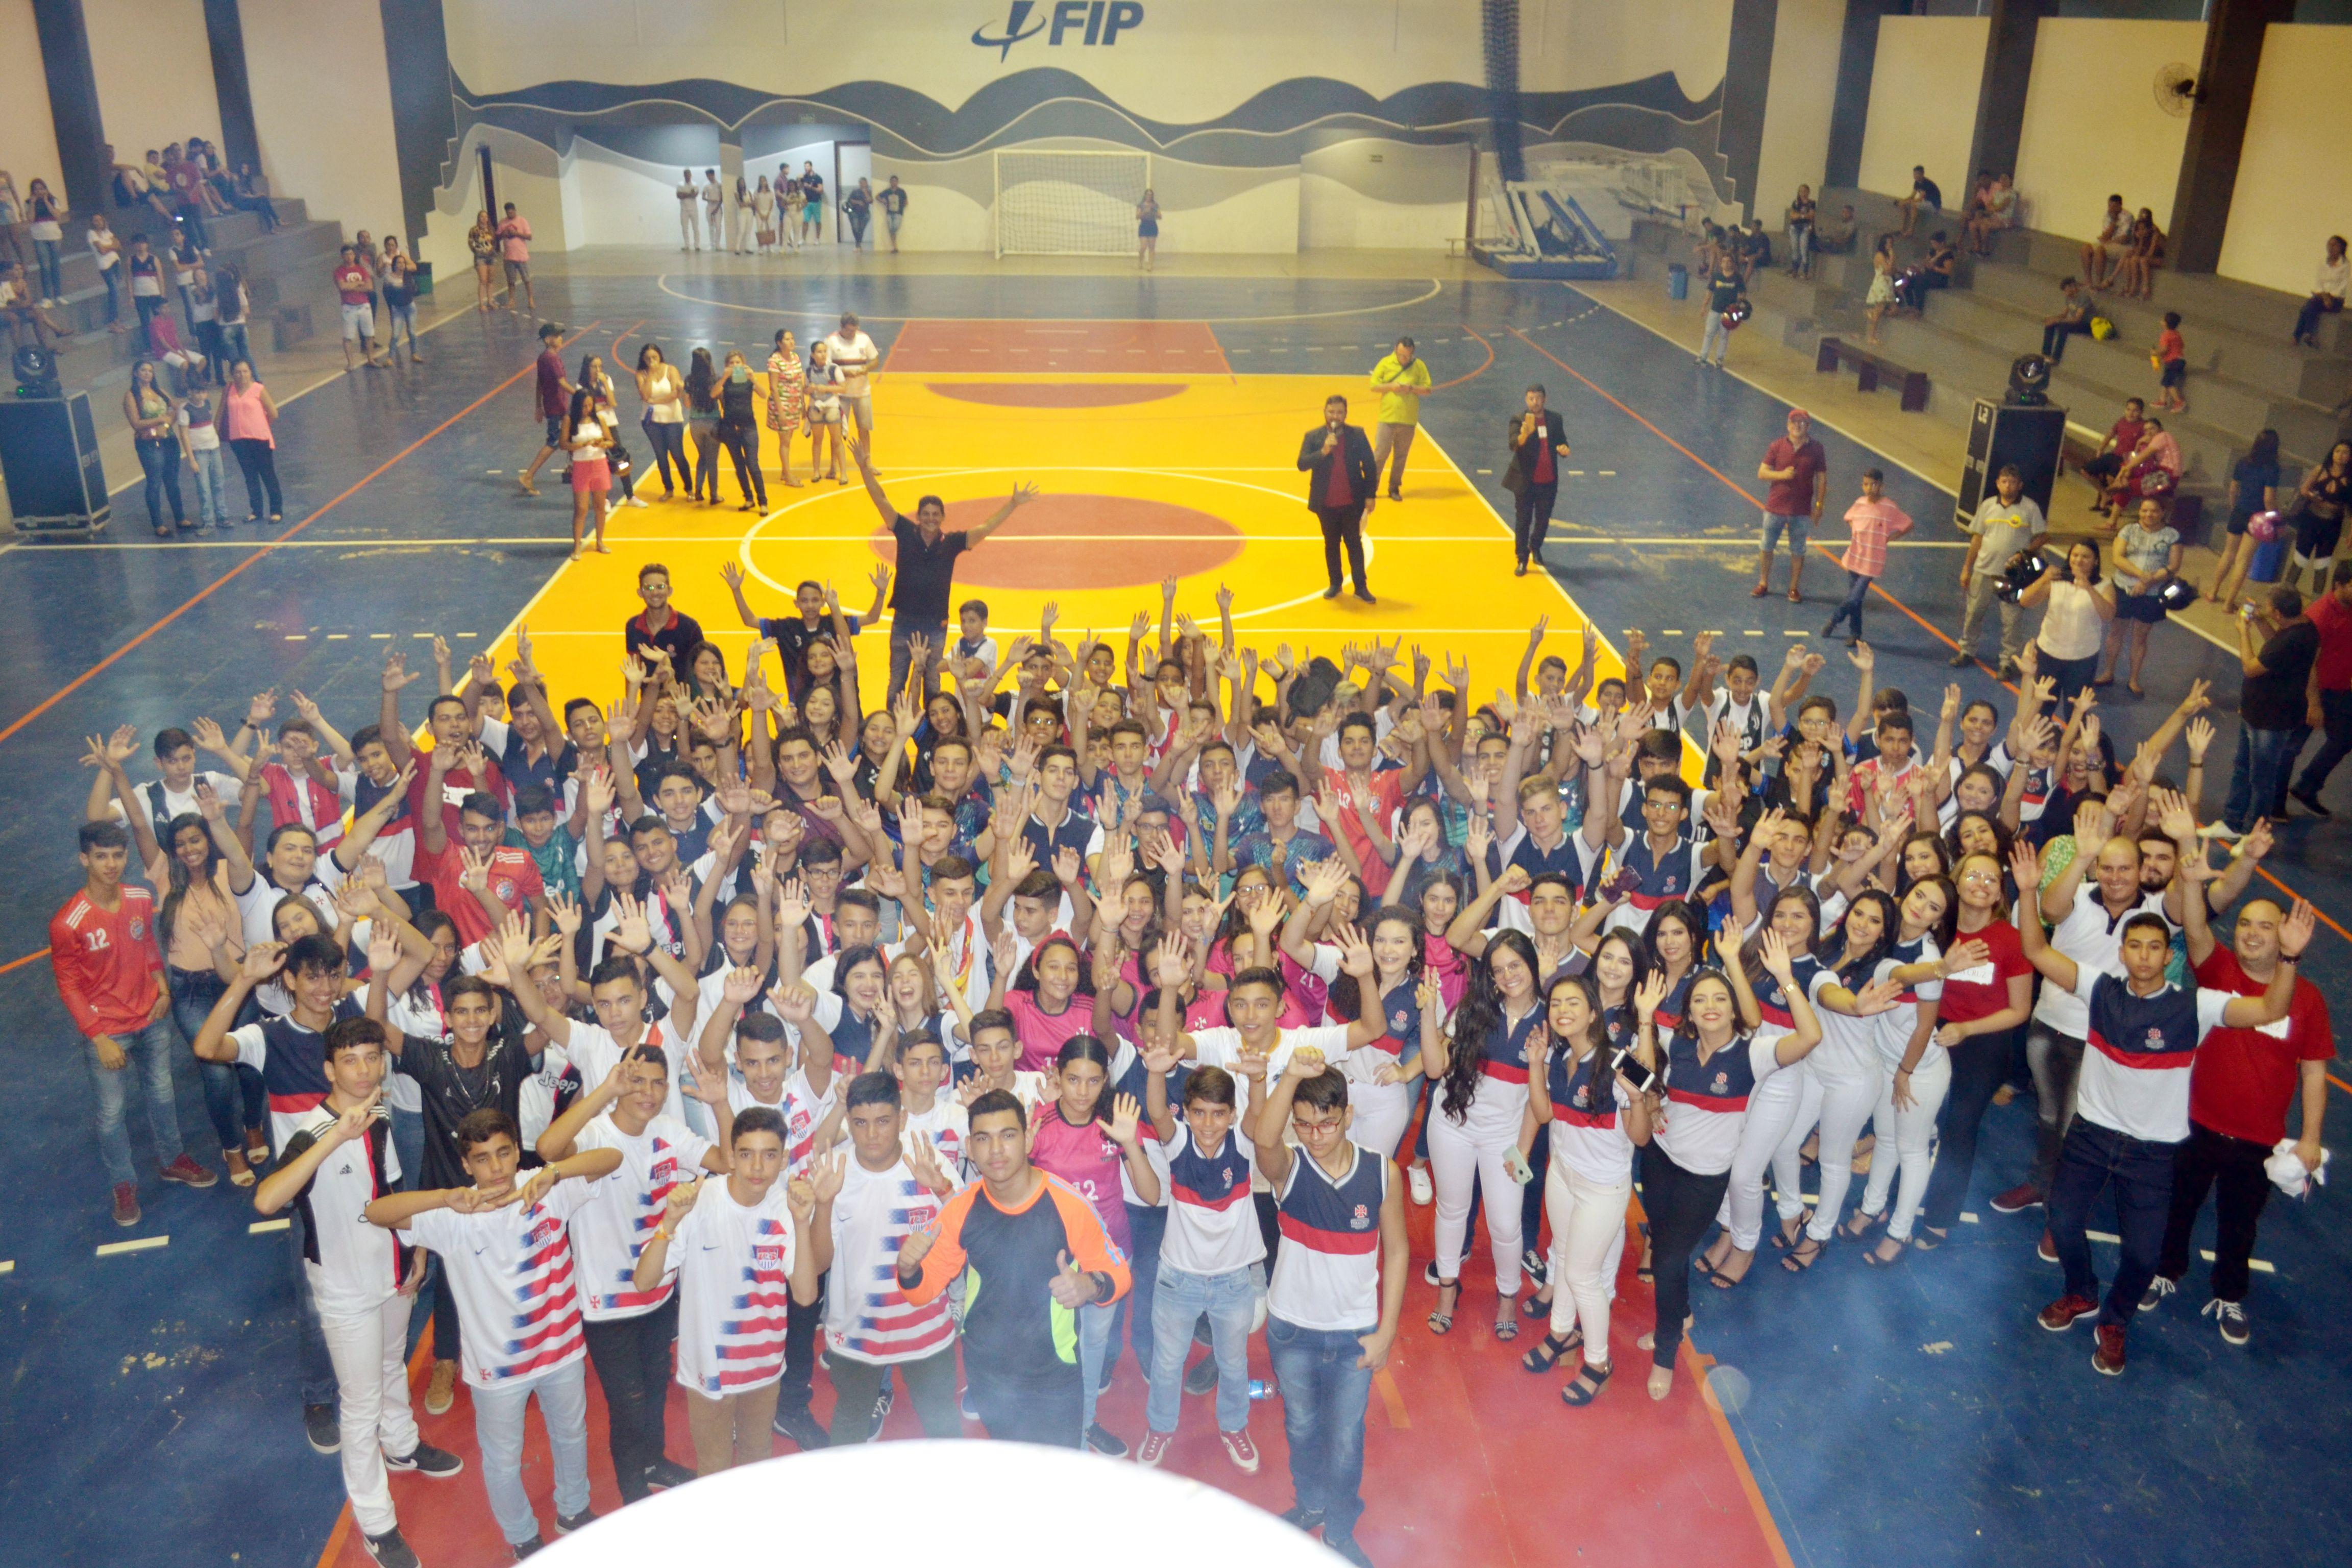 Em grande estilo:  Instituto Educacional Vera Cruz abre os jogos internos 2019 e chama atenção pela grandiosidade